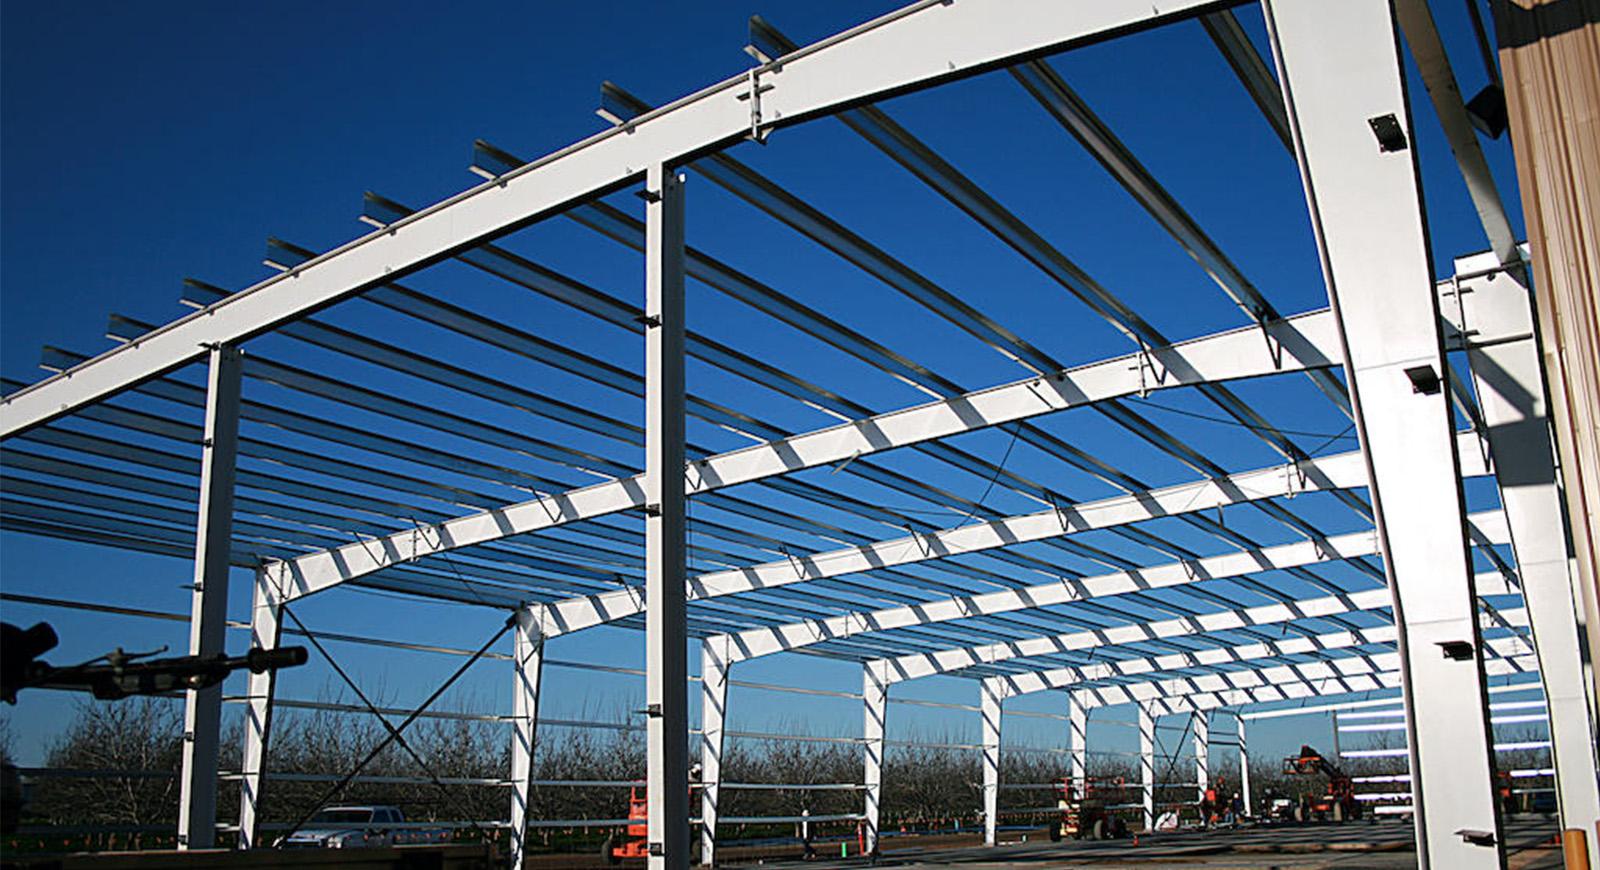 Morada Produce Agricultural Farm Construction Crop Storage Metal Building General Contractor